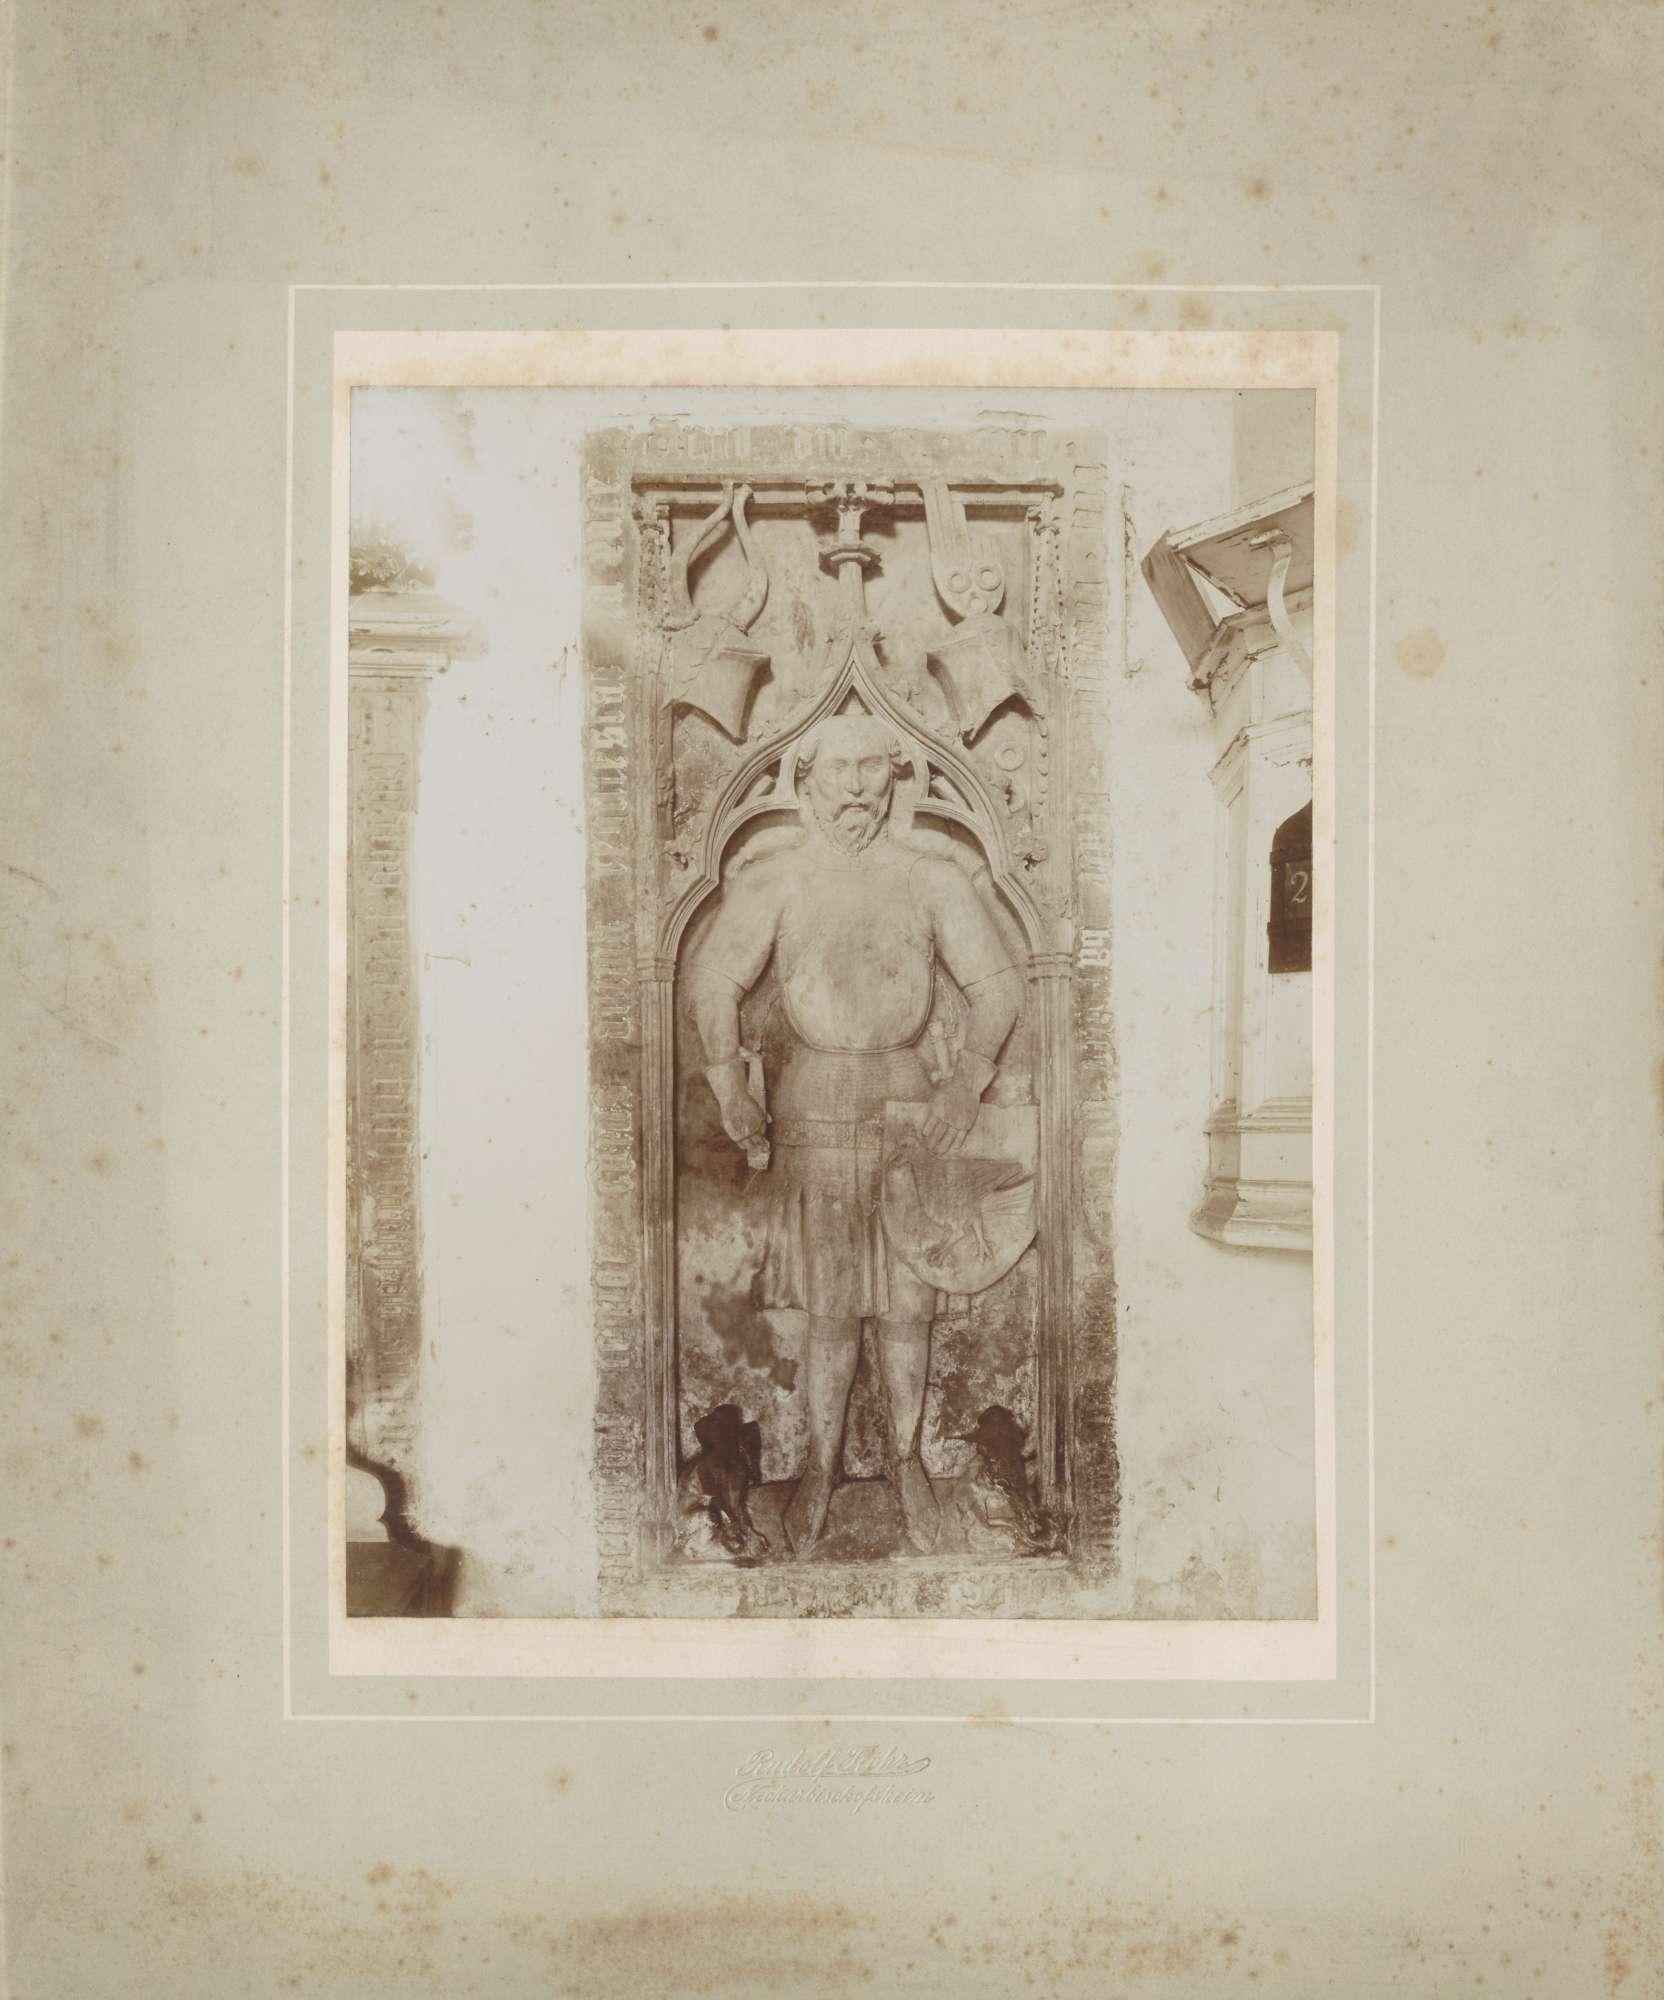 Neckarbischofsheim, Totenkirche, Grabplatte von Helmstatt., Bild 1